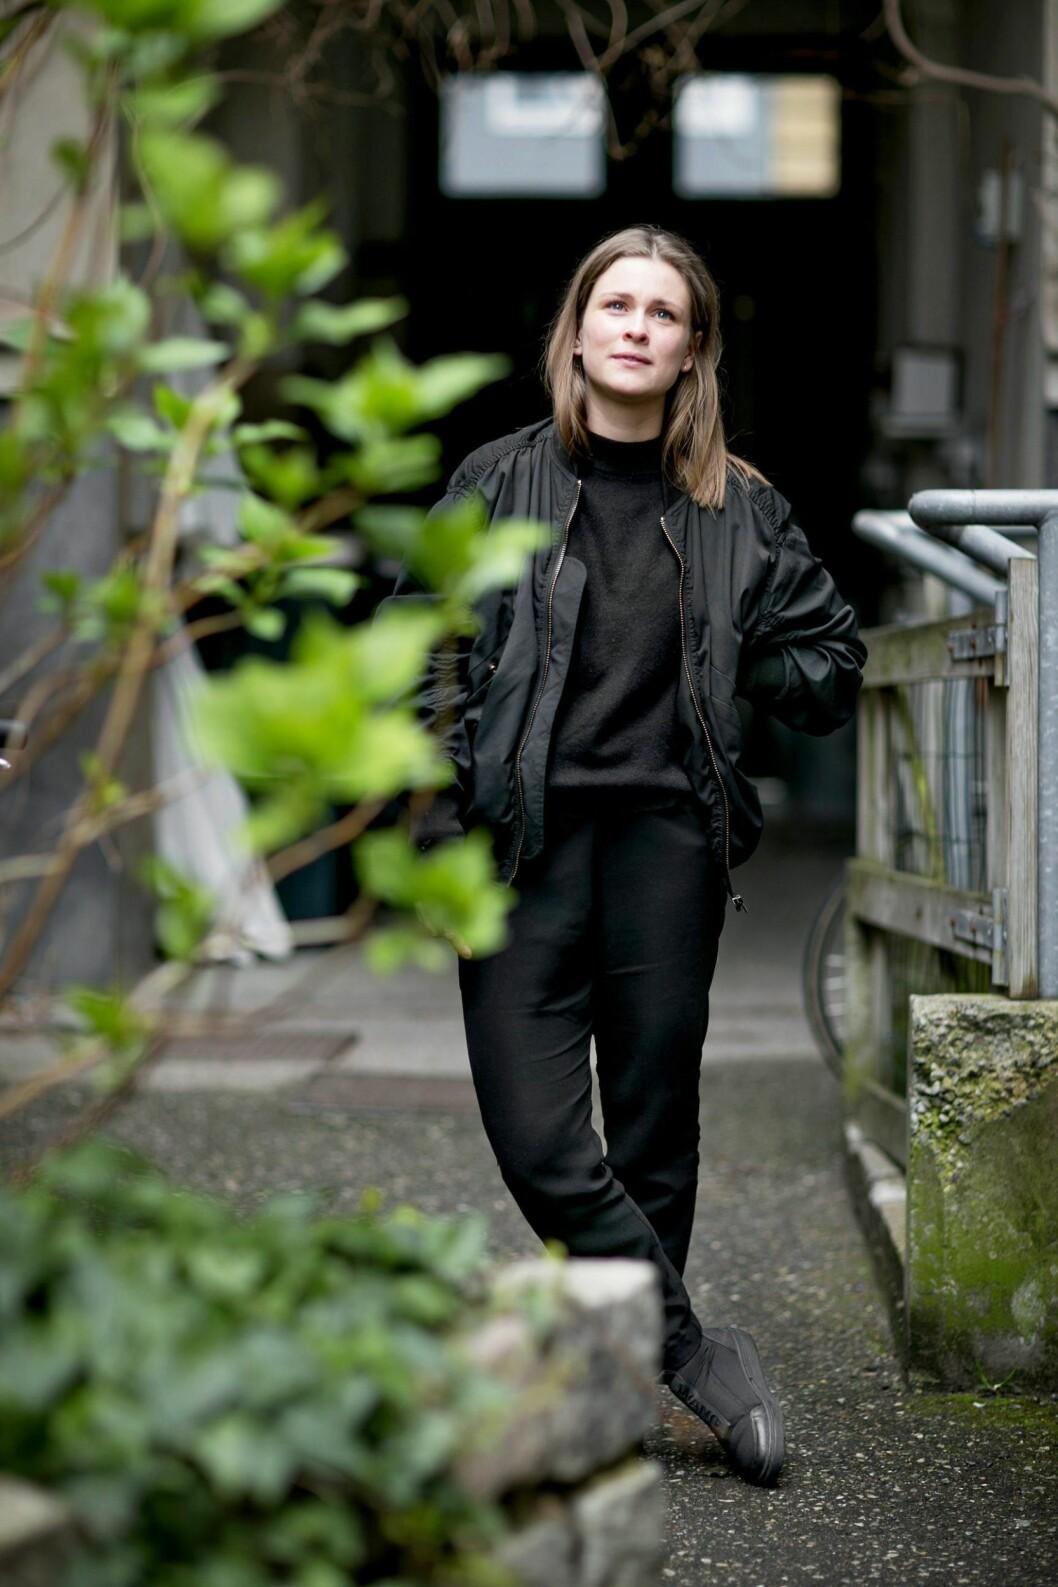 KLIPPEN I LIVET FORSVANT: – Jeg vil alltid savne henne, sier 26 år gamle Stine. Foto: All Over Press